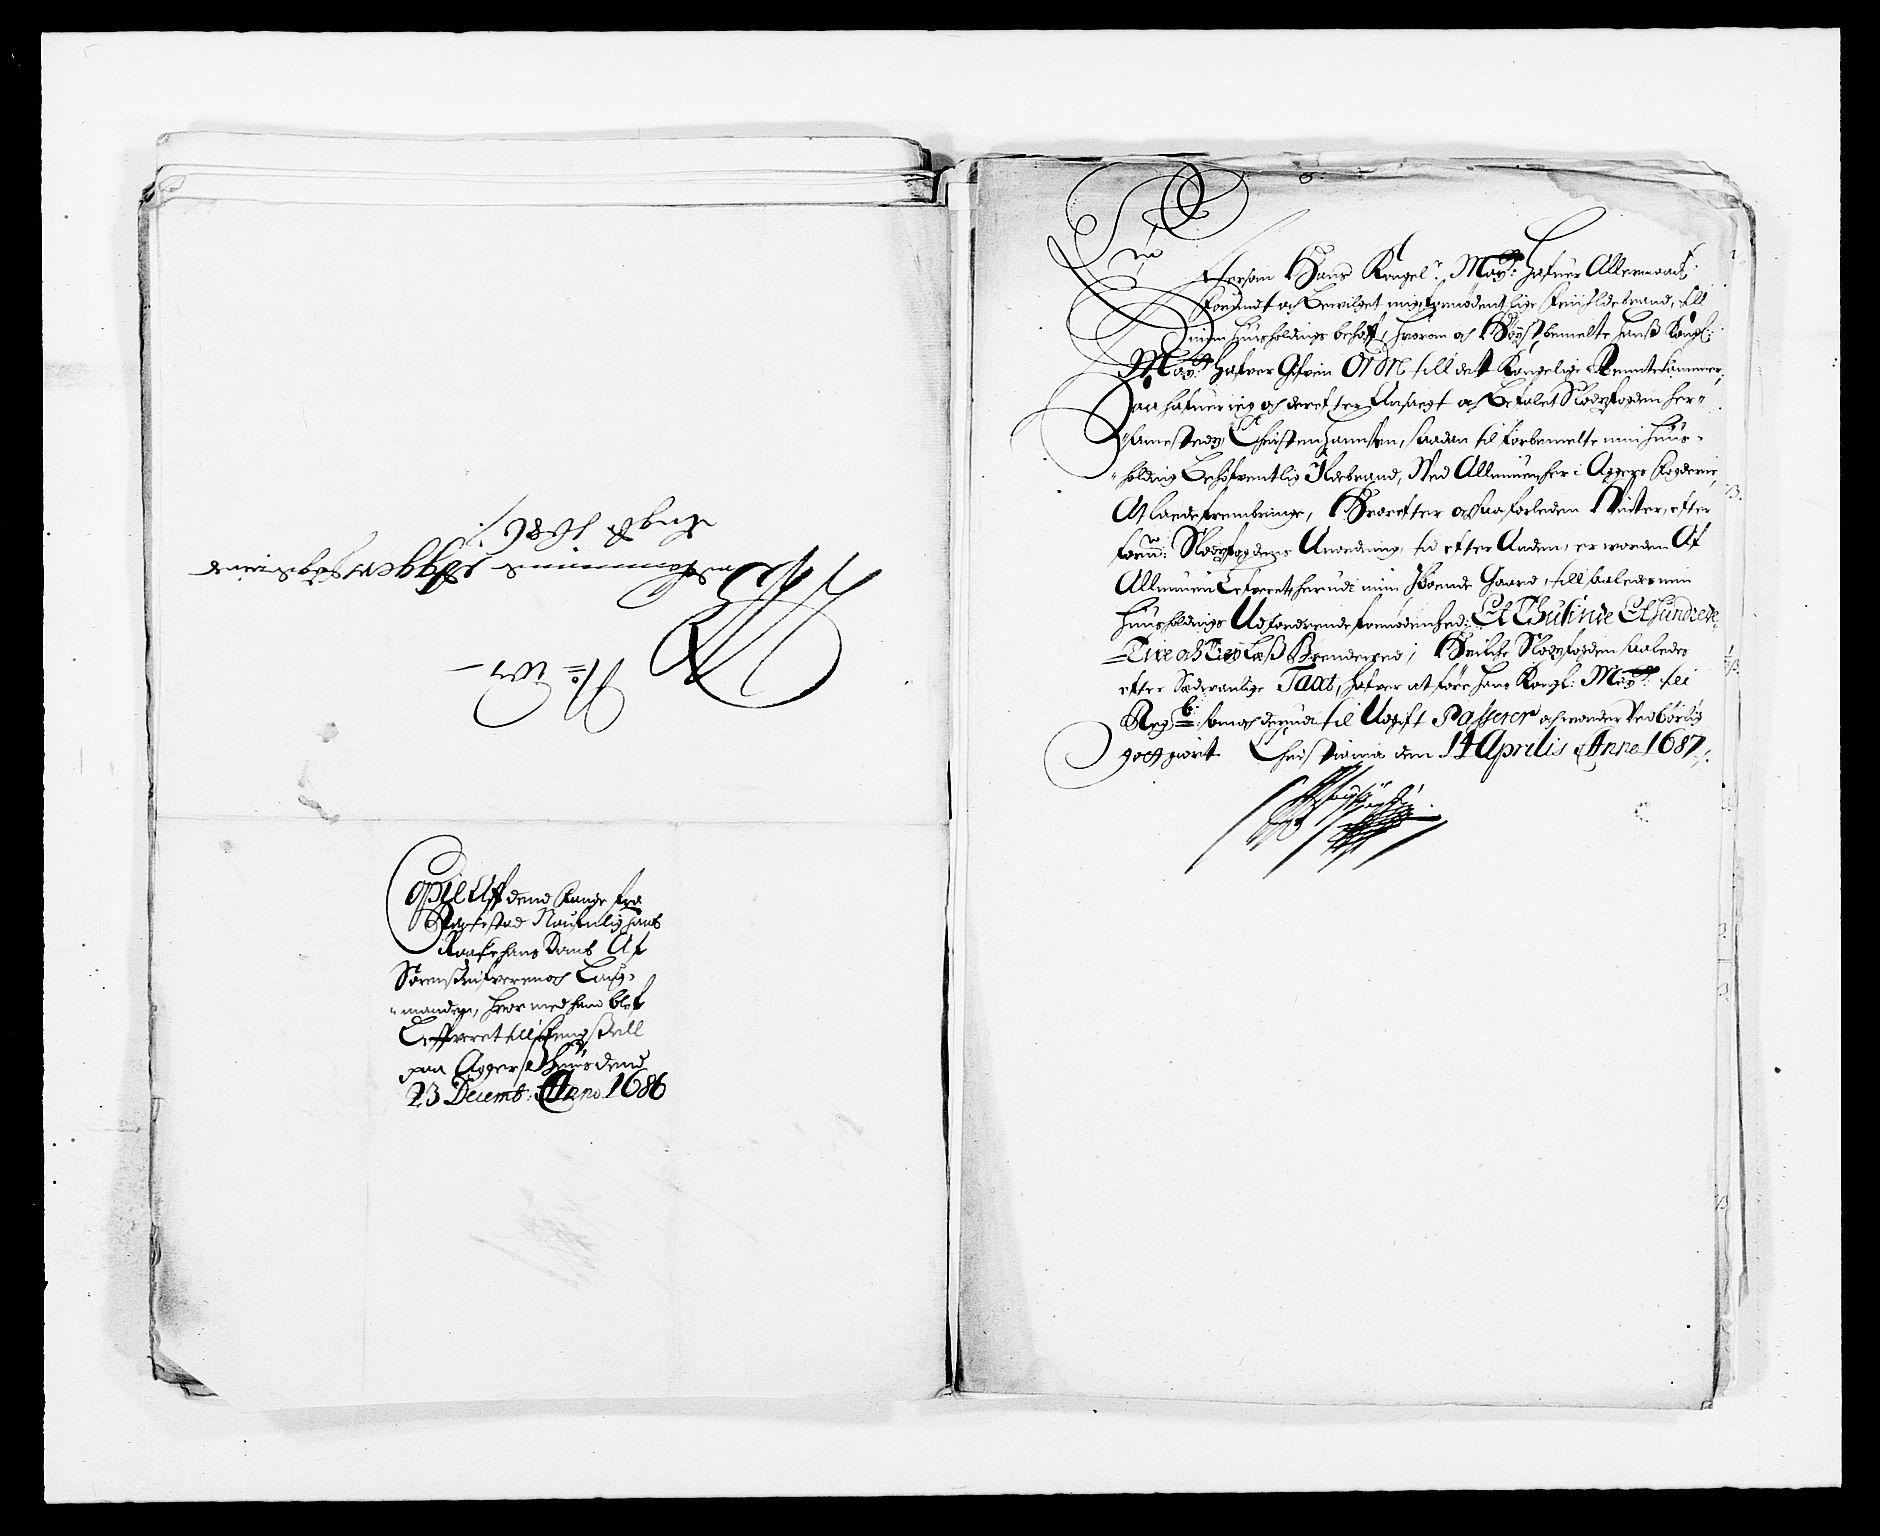 RA, Rentekammeret inntil 1814, Reviderte regnskaper, Fogderegnskap, R08/L0424: Fogderegnskap Aker, 1682-1689, s. 211